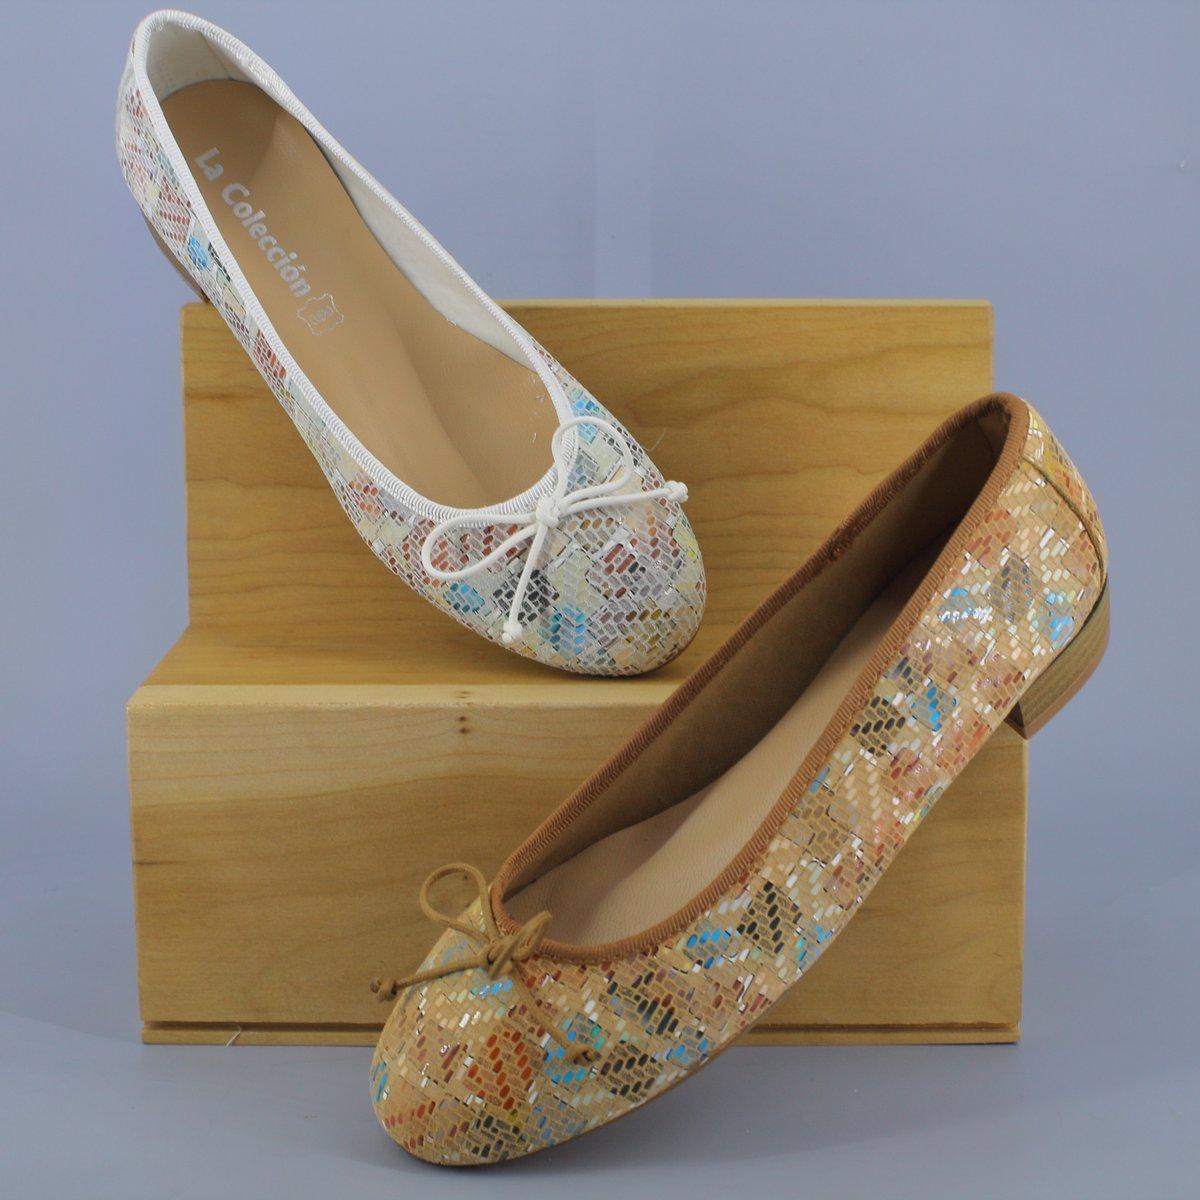 #LaColeccion del #verano no esta completa sin tus #francesitas de piel #MadeInSpain .  #TiendaOnline : http://www.CalzadosRasha.com #EnviosGratis a partir de 25€  #CalzadosRasha #RashaShoes #Rasha #HechosEnEspaña #InstaShoes #Shoes #Zapatos #Calzados #Style #Moda #Modapic.twitter.com/A81GlHhwMG